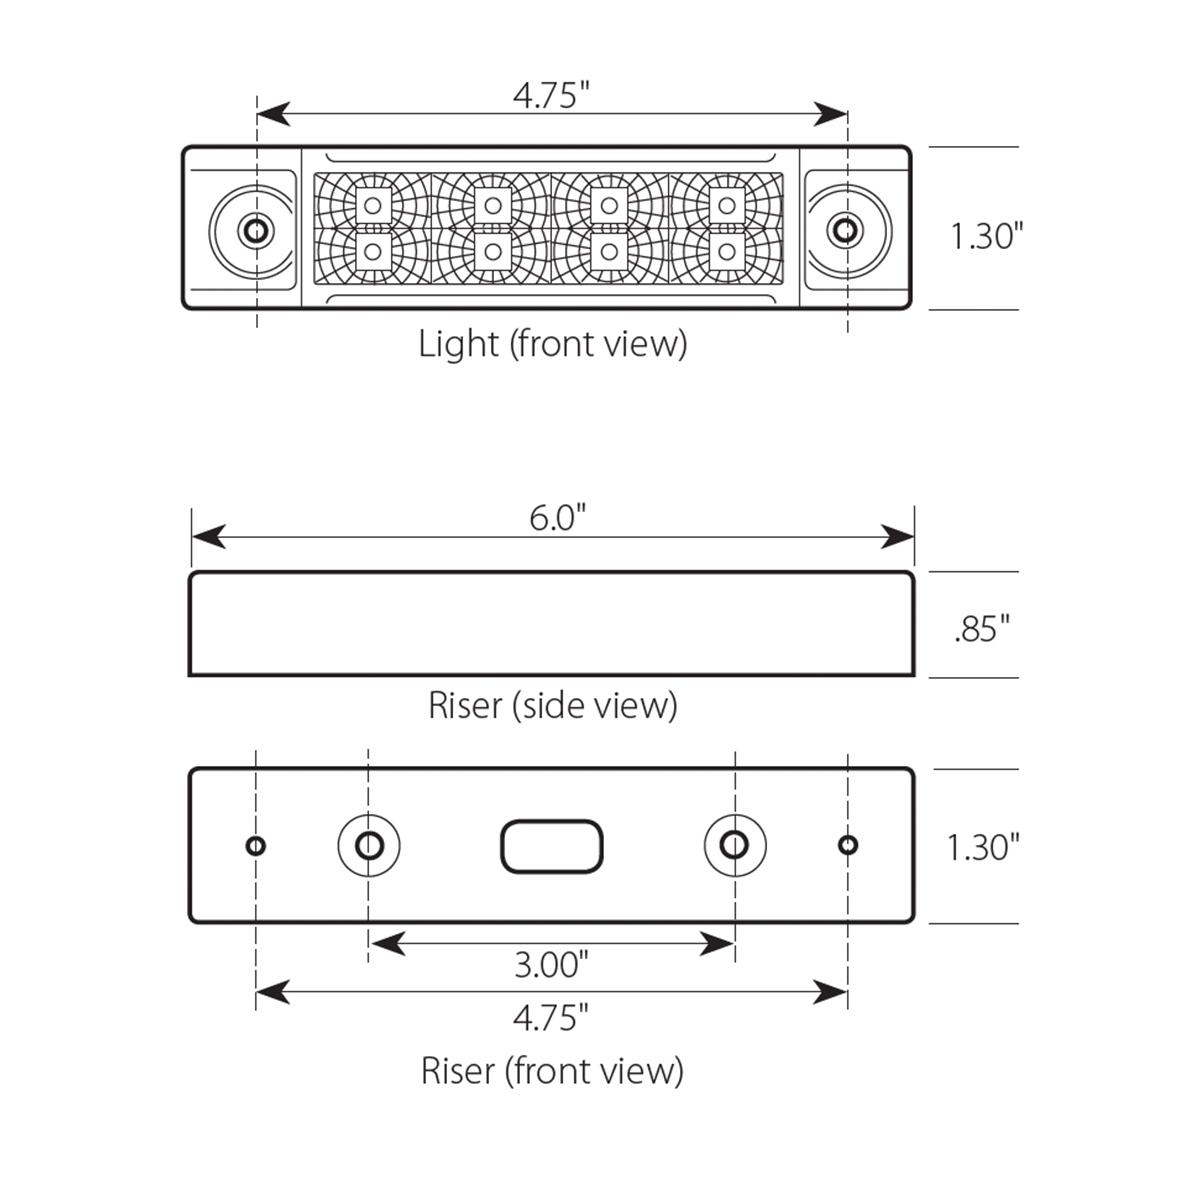 Slim Rectangular Spyder LED Marker Light with Riser